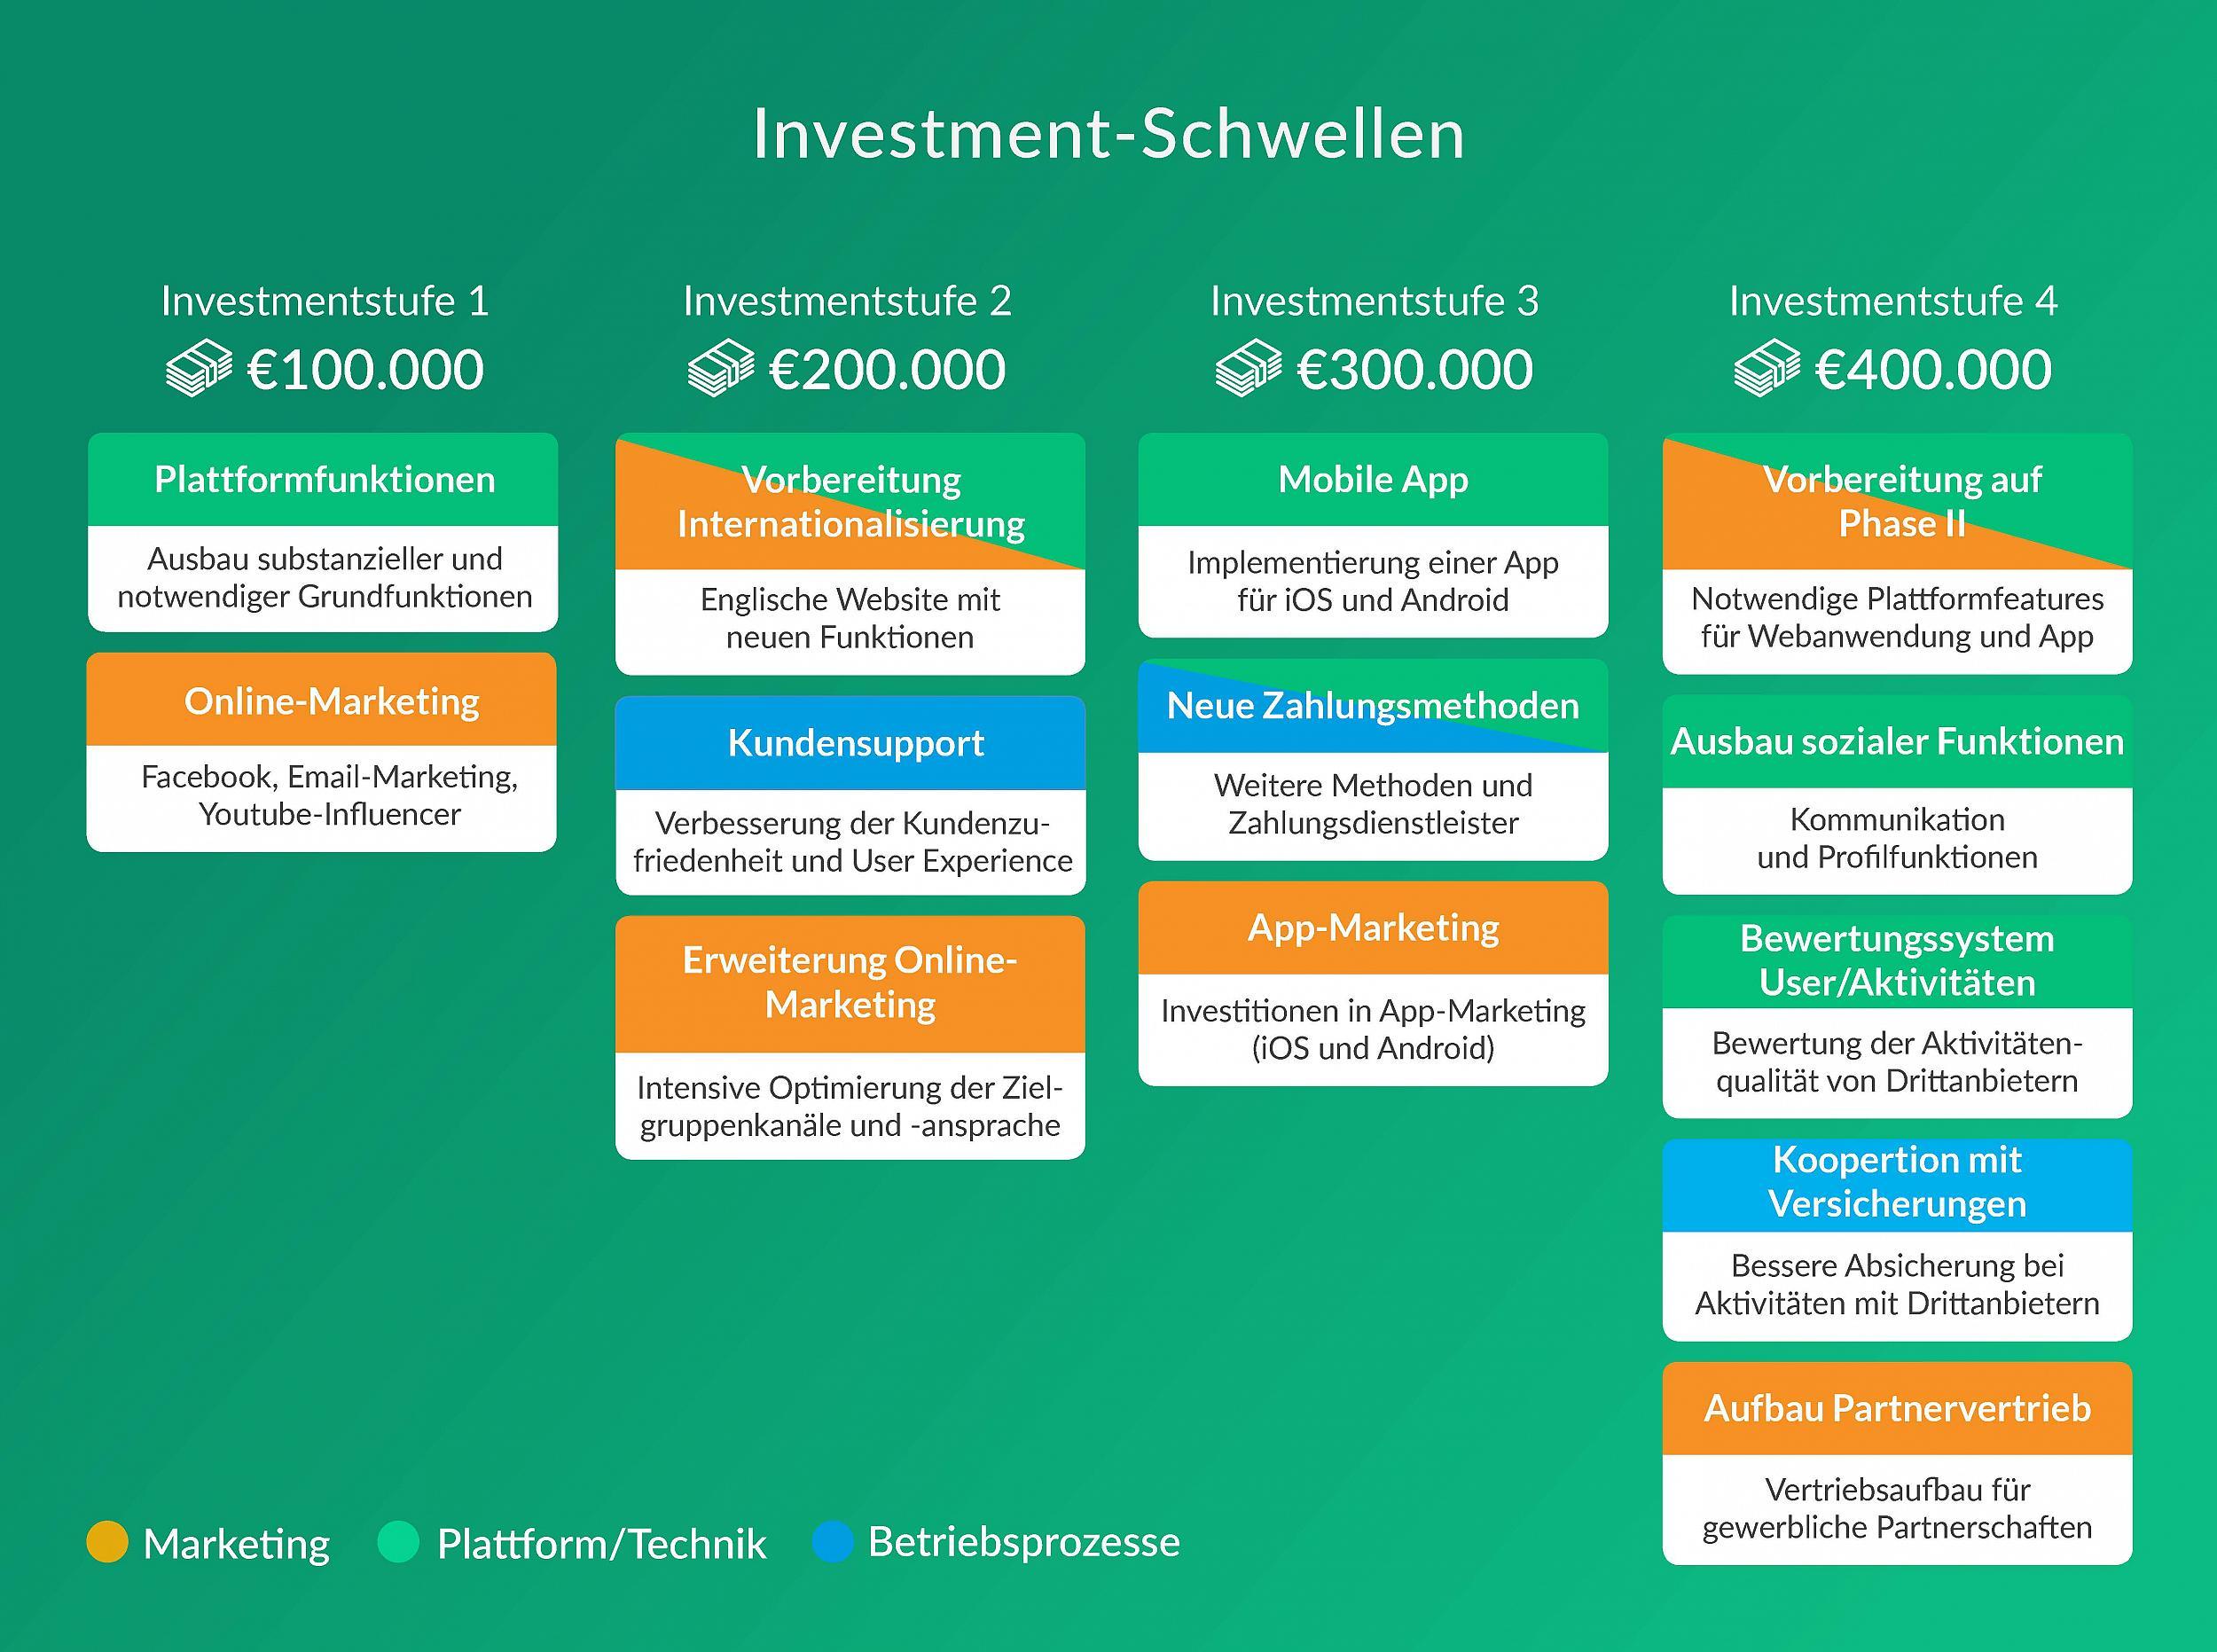 GroopDoo Investmentschwellen